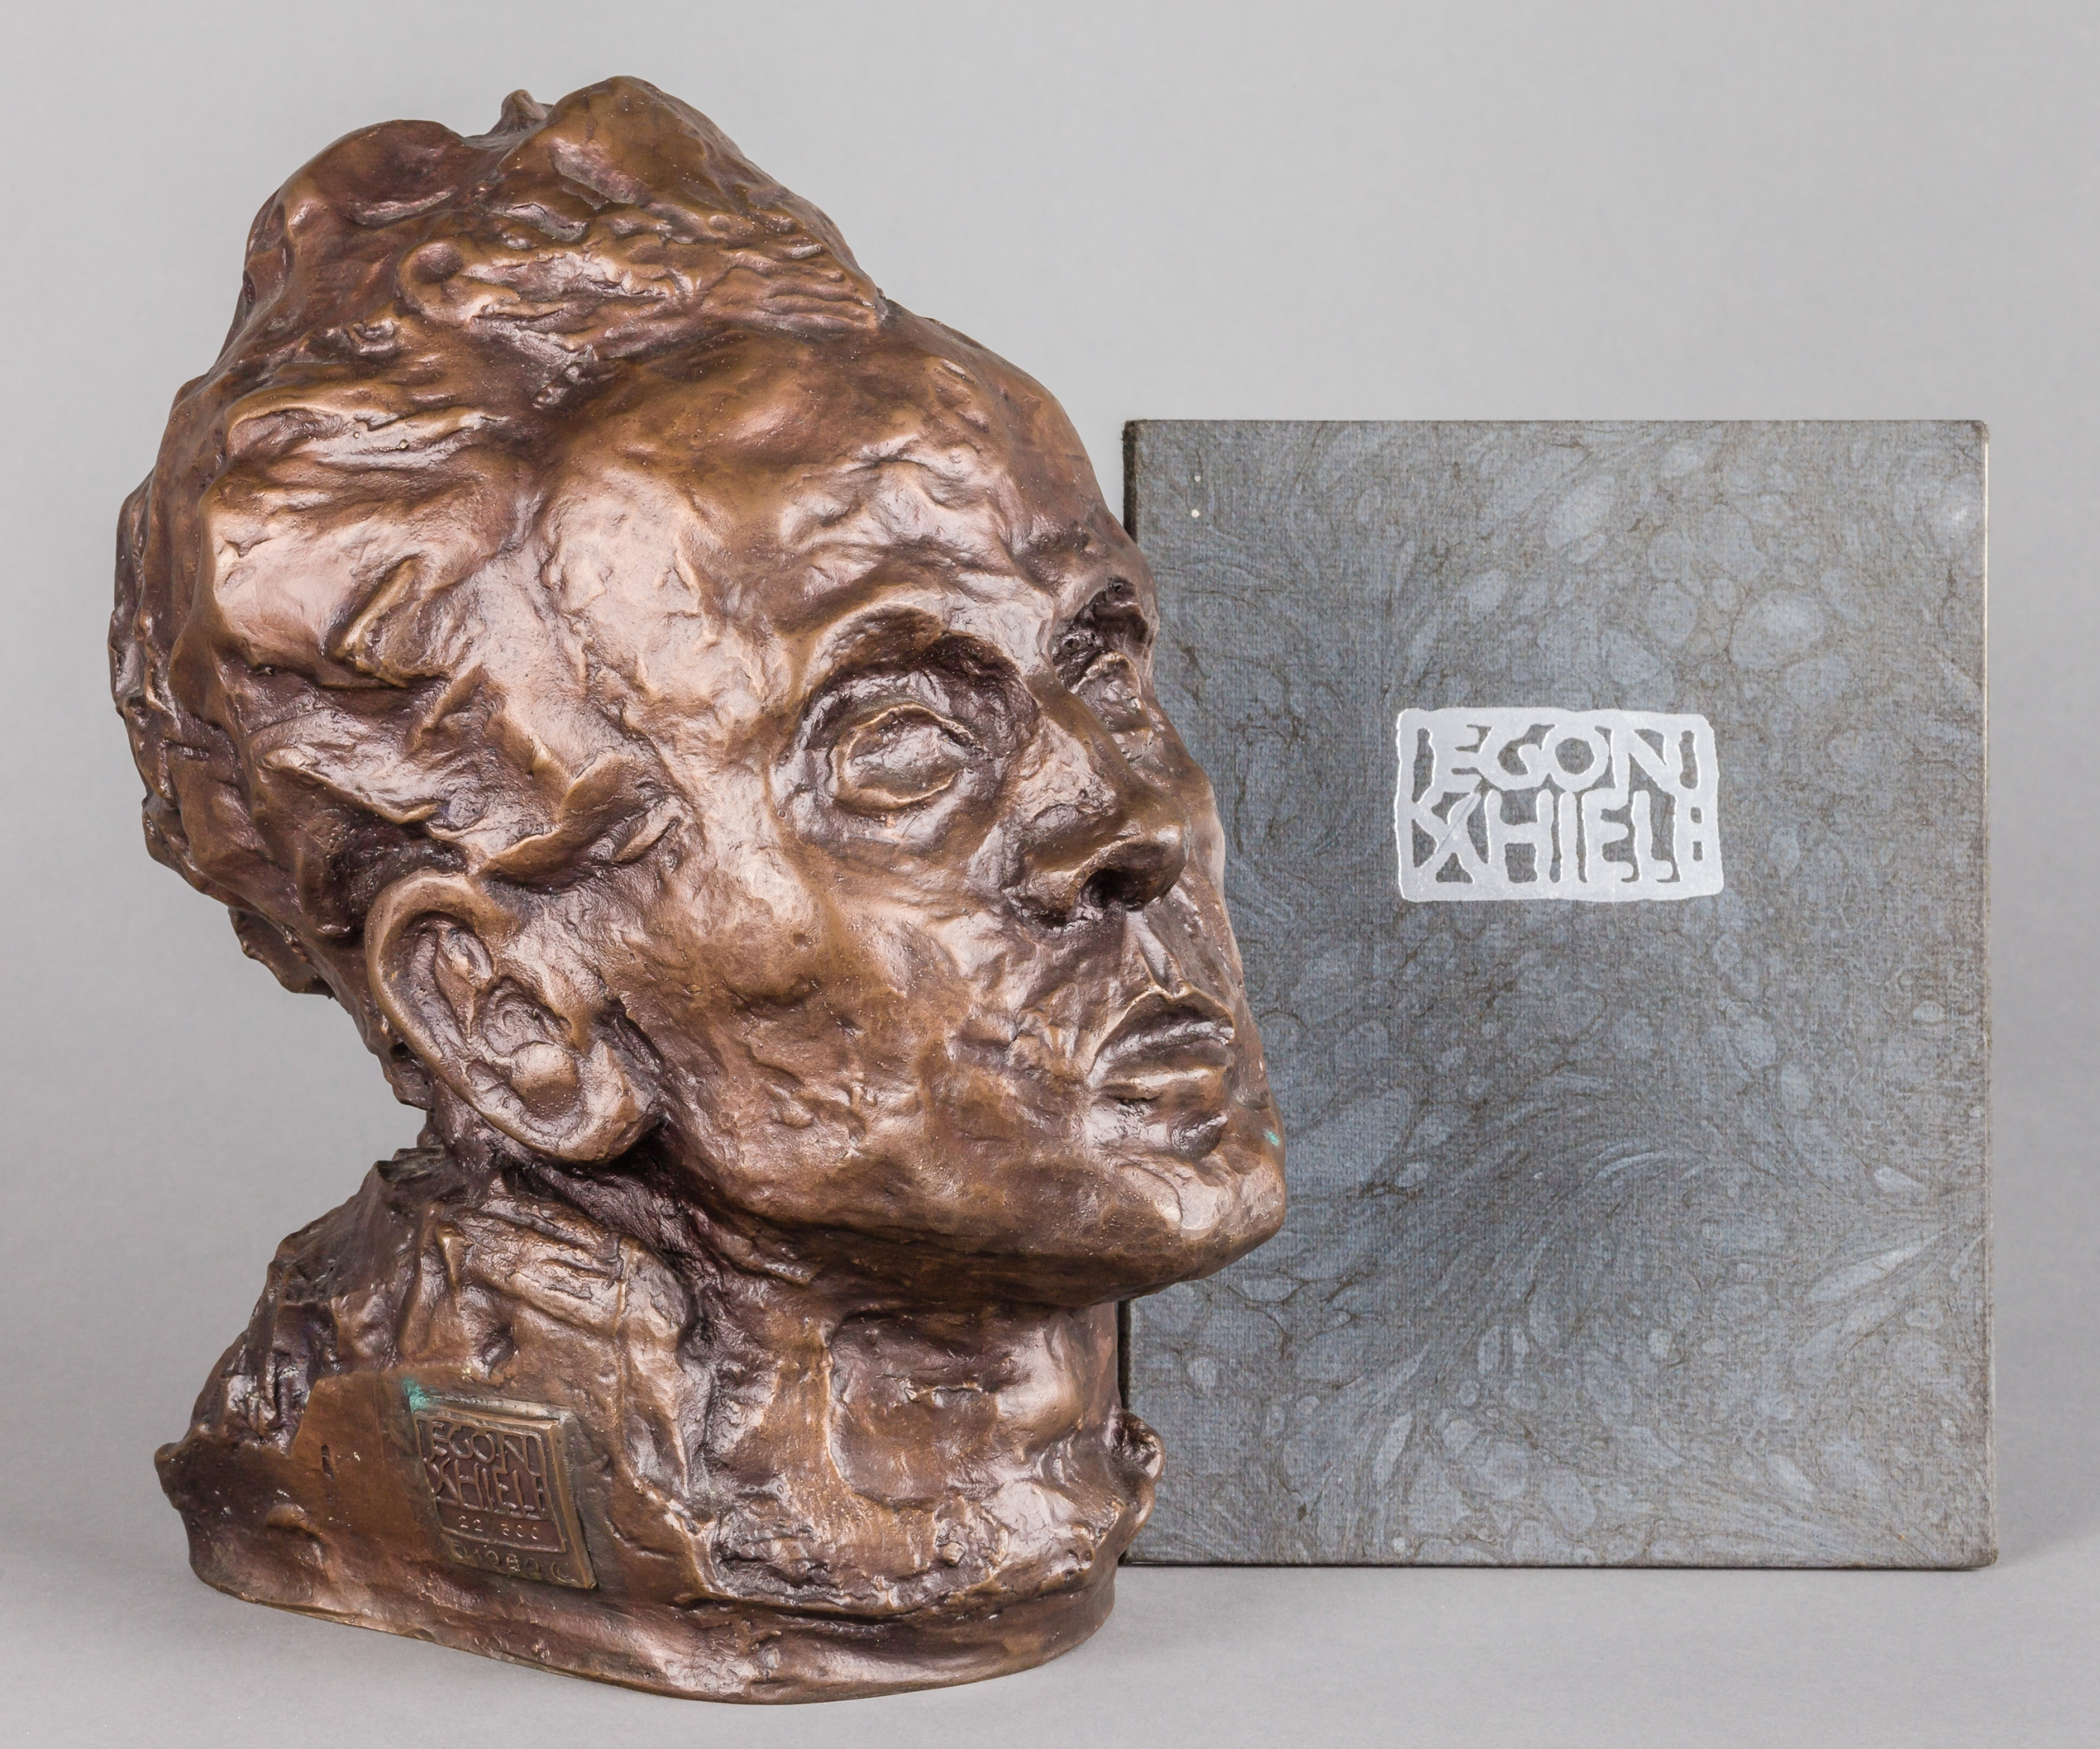 Egon Schiele, Selbstportrait